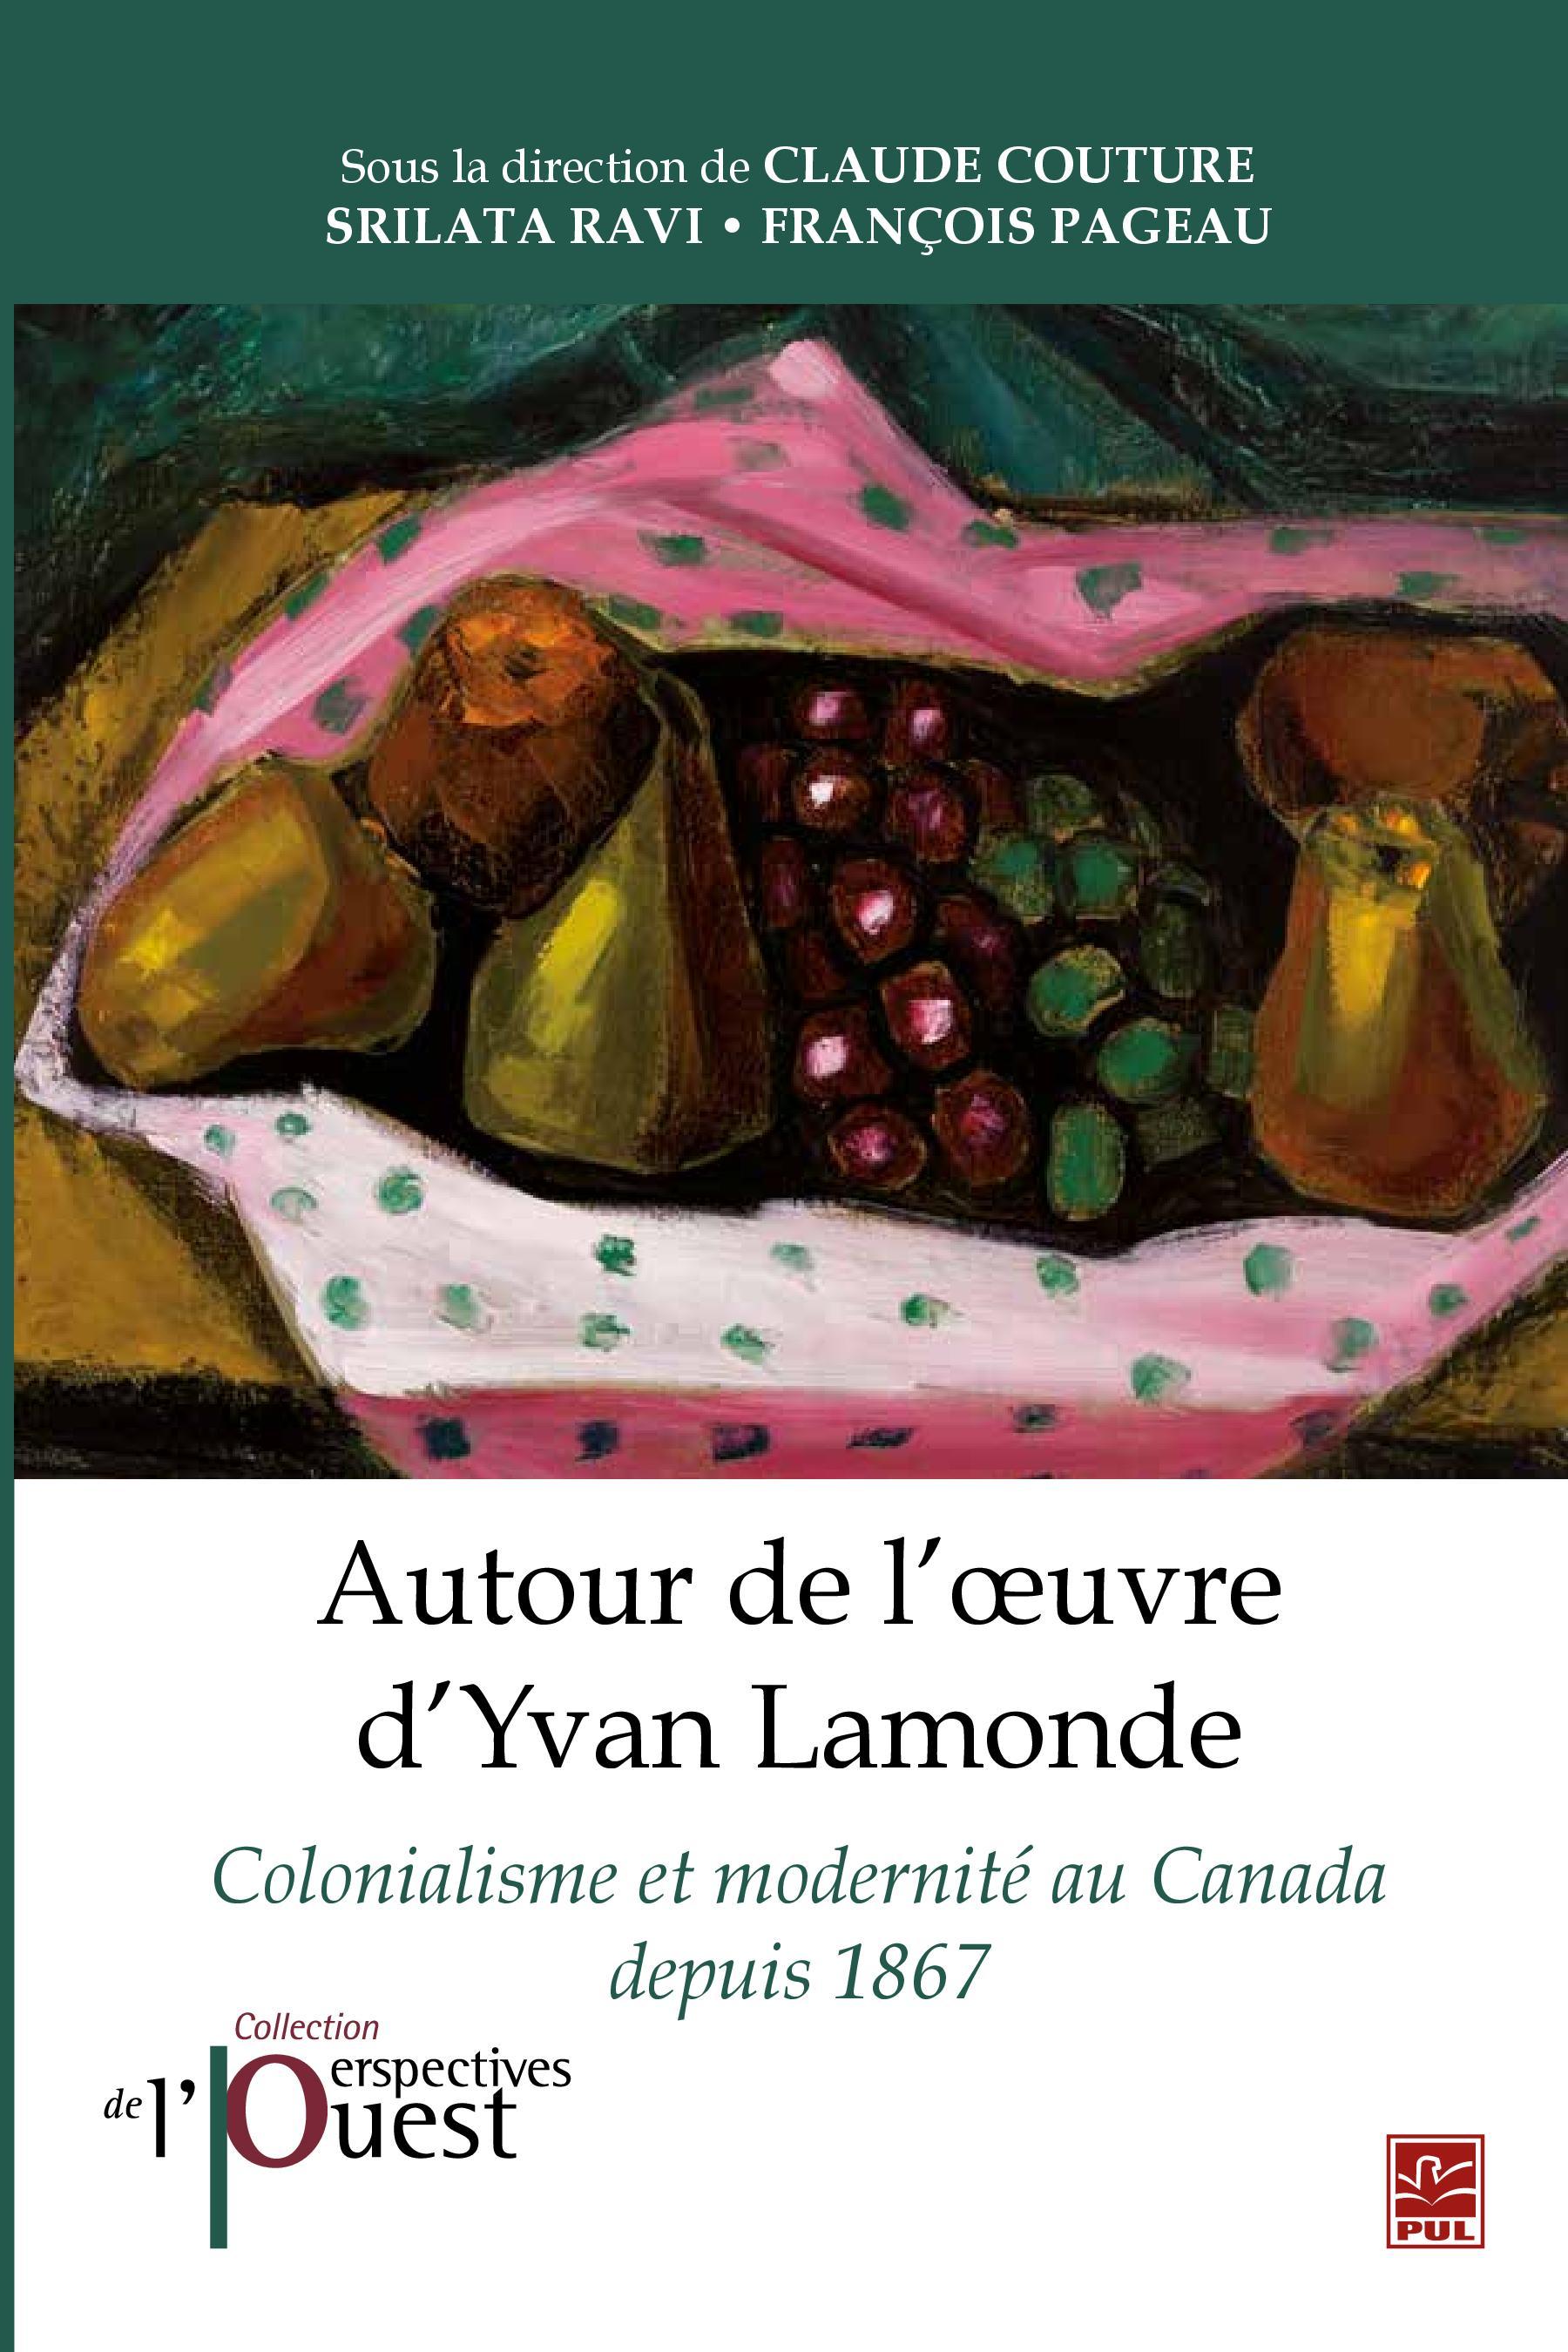 Autour de l'œuvre d'Yvan Lamonde. Colonialisme et modernité au Canada depuis 1867